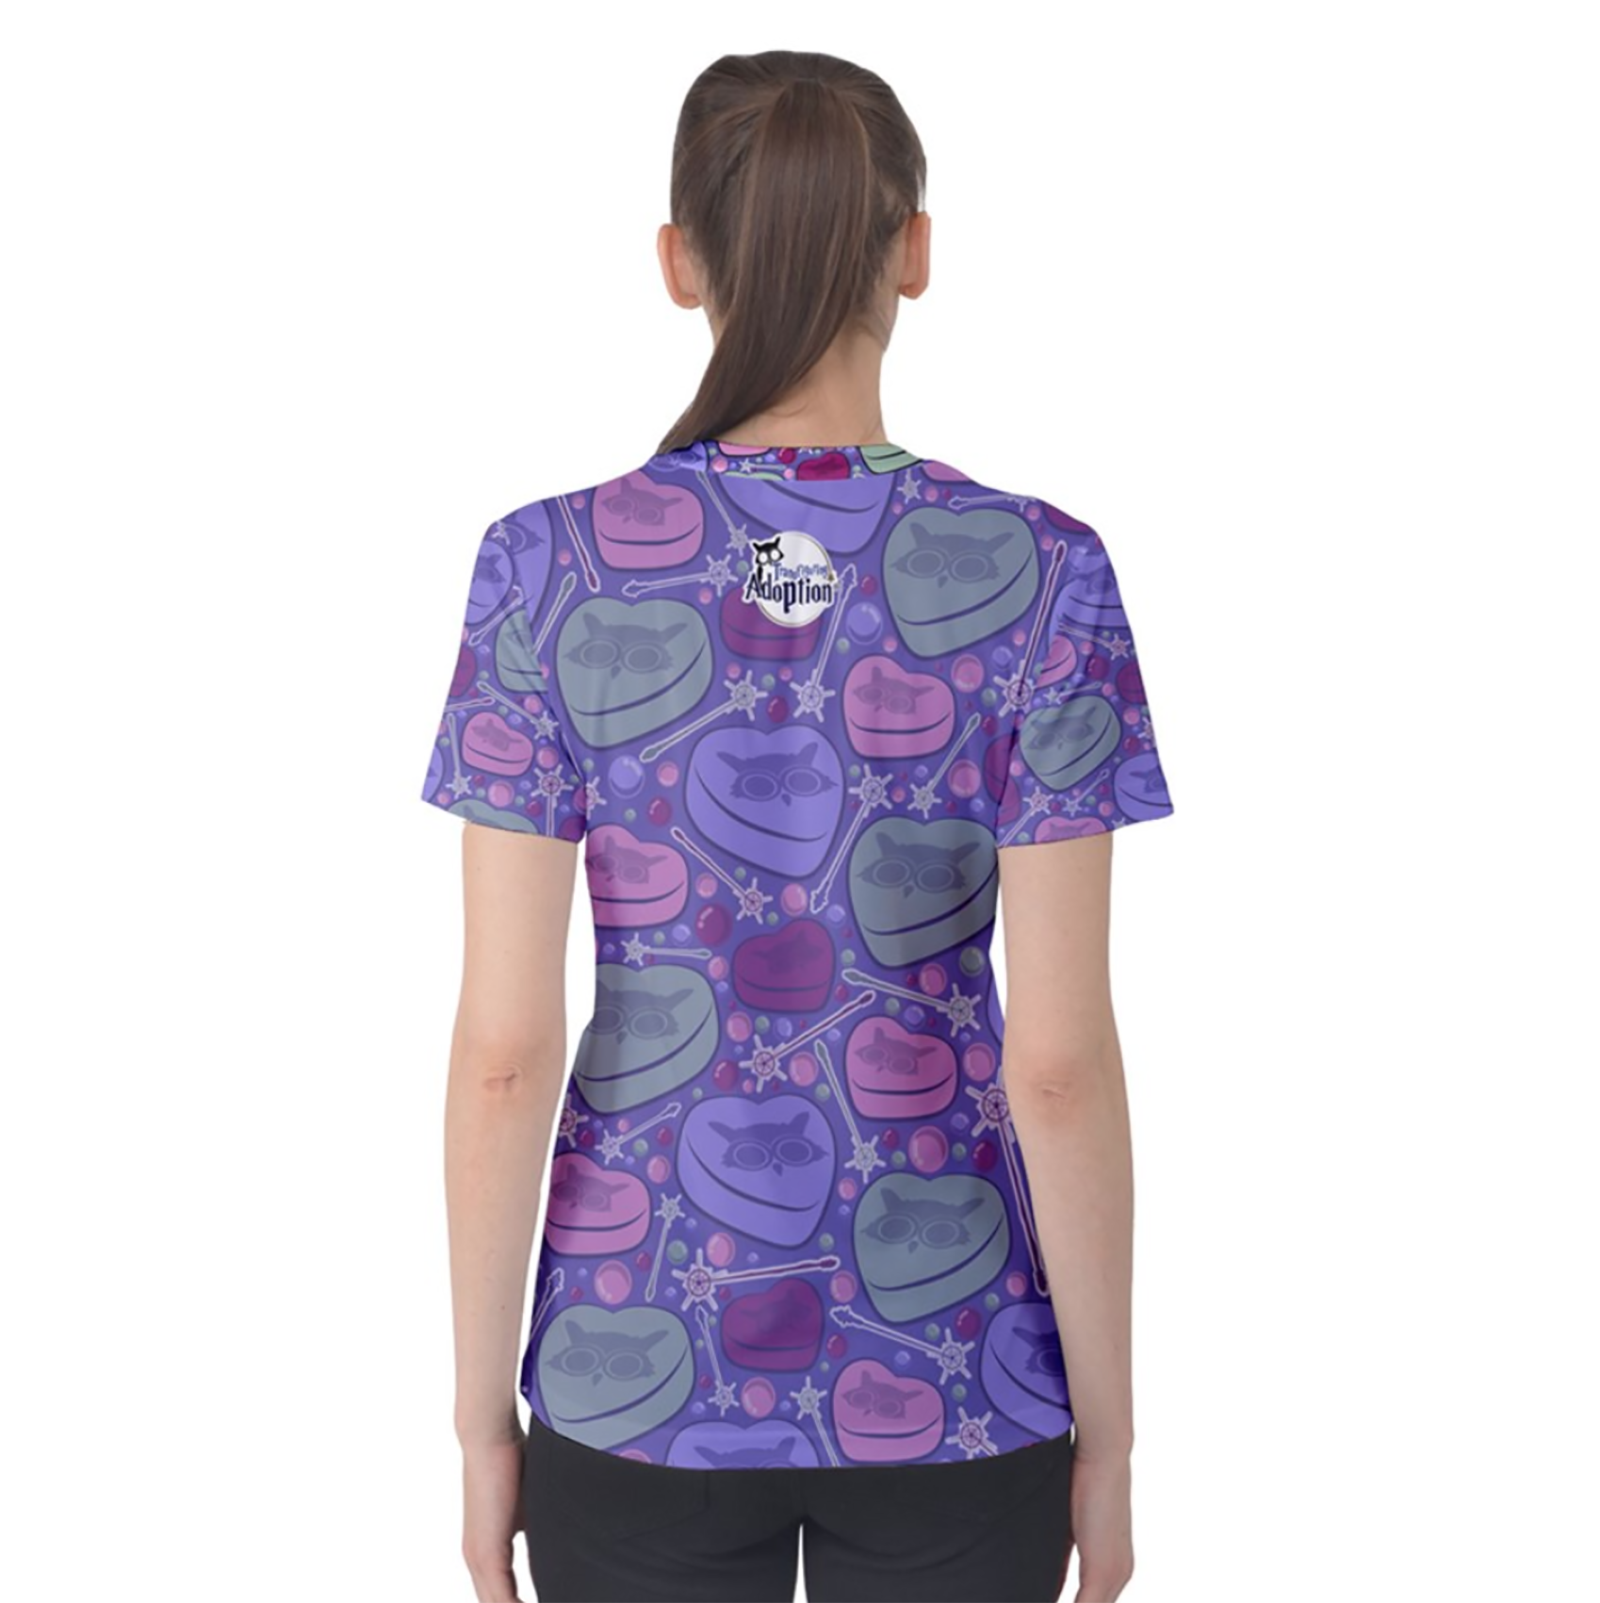 Charmed Women's Cotton Tee (Purple Patterned)